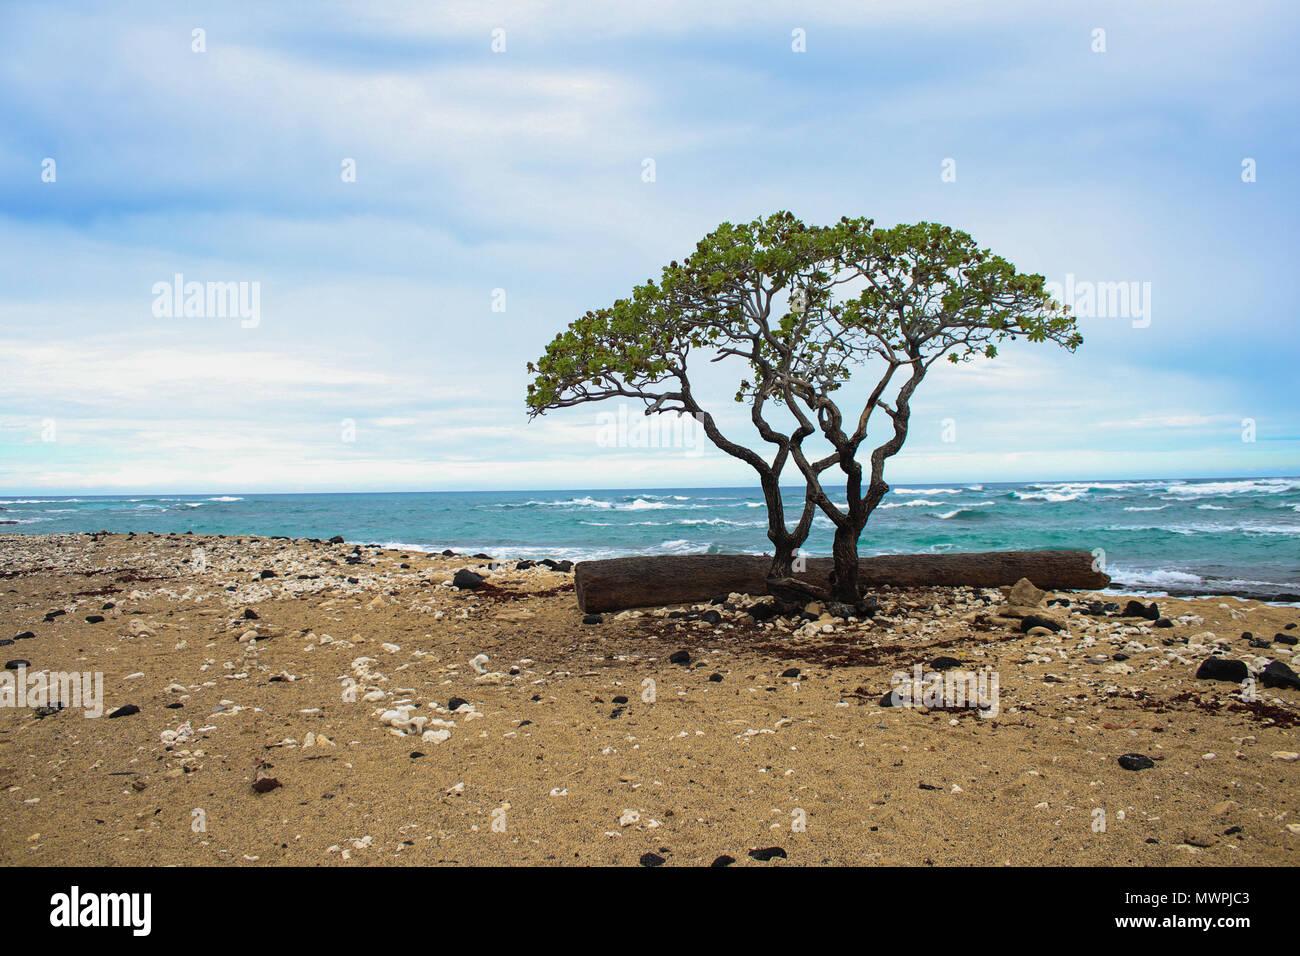 L'une des plus belles plages hautement cotées et dans le monde - Plage de Wailea, Maui, Hawaii, USA Banque D'Images